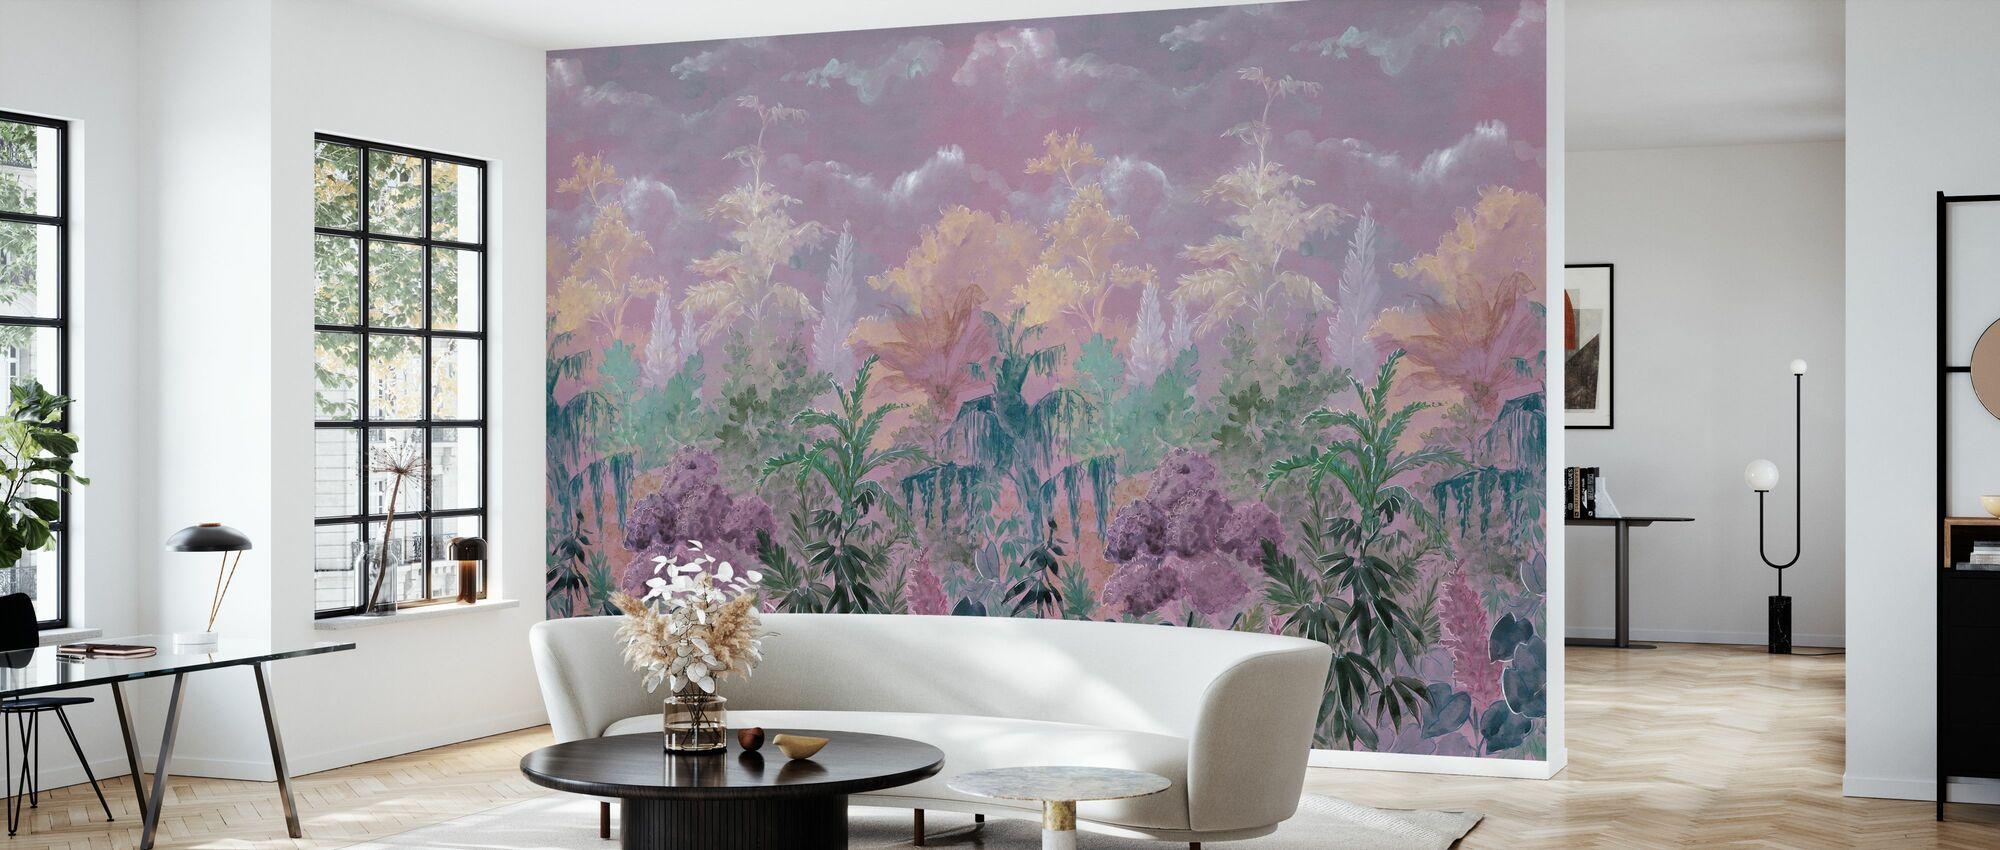 Blühende Vegetation - Tapete - Wohnzimmer